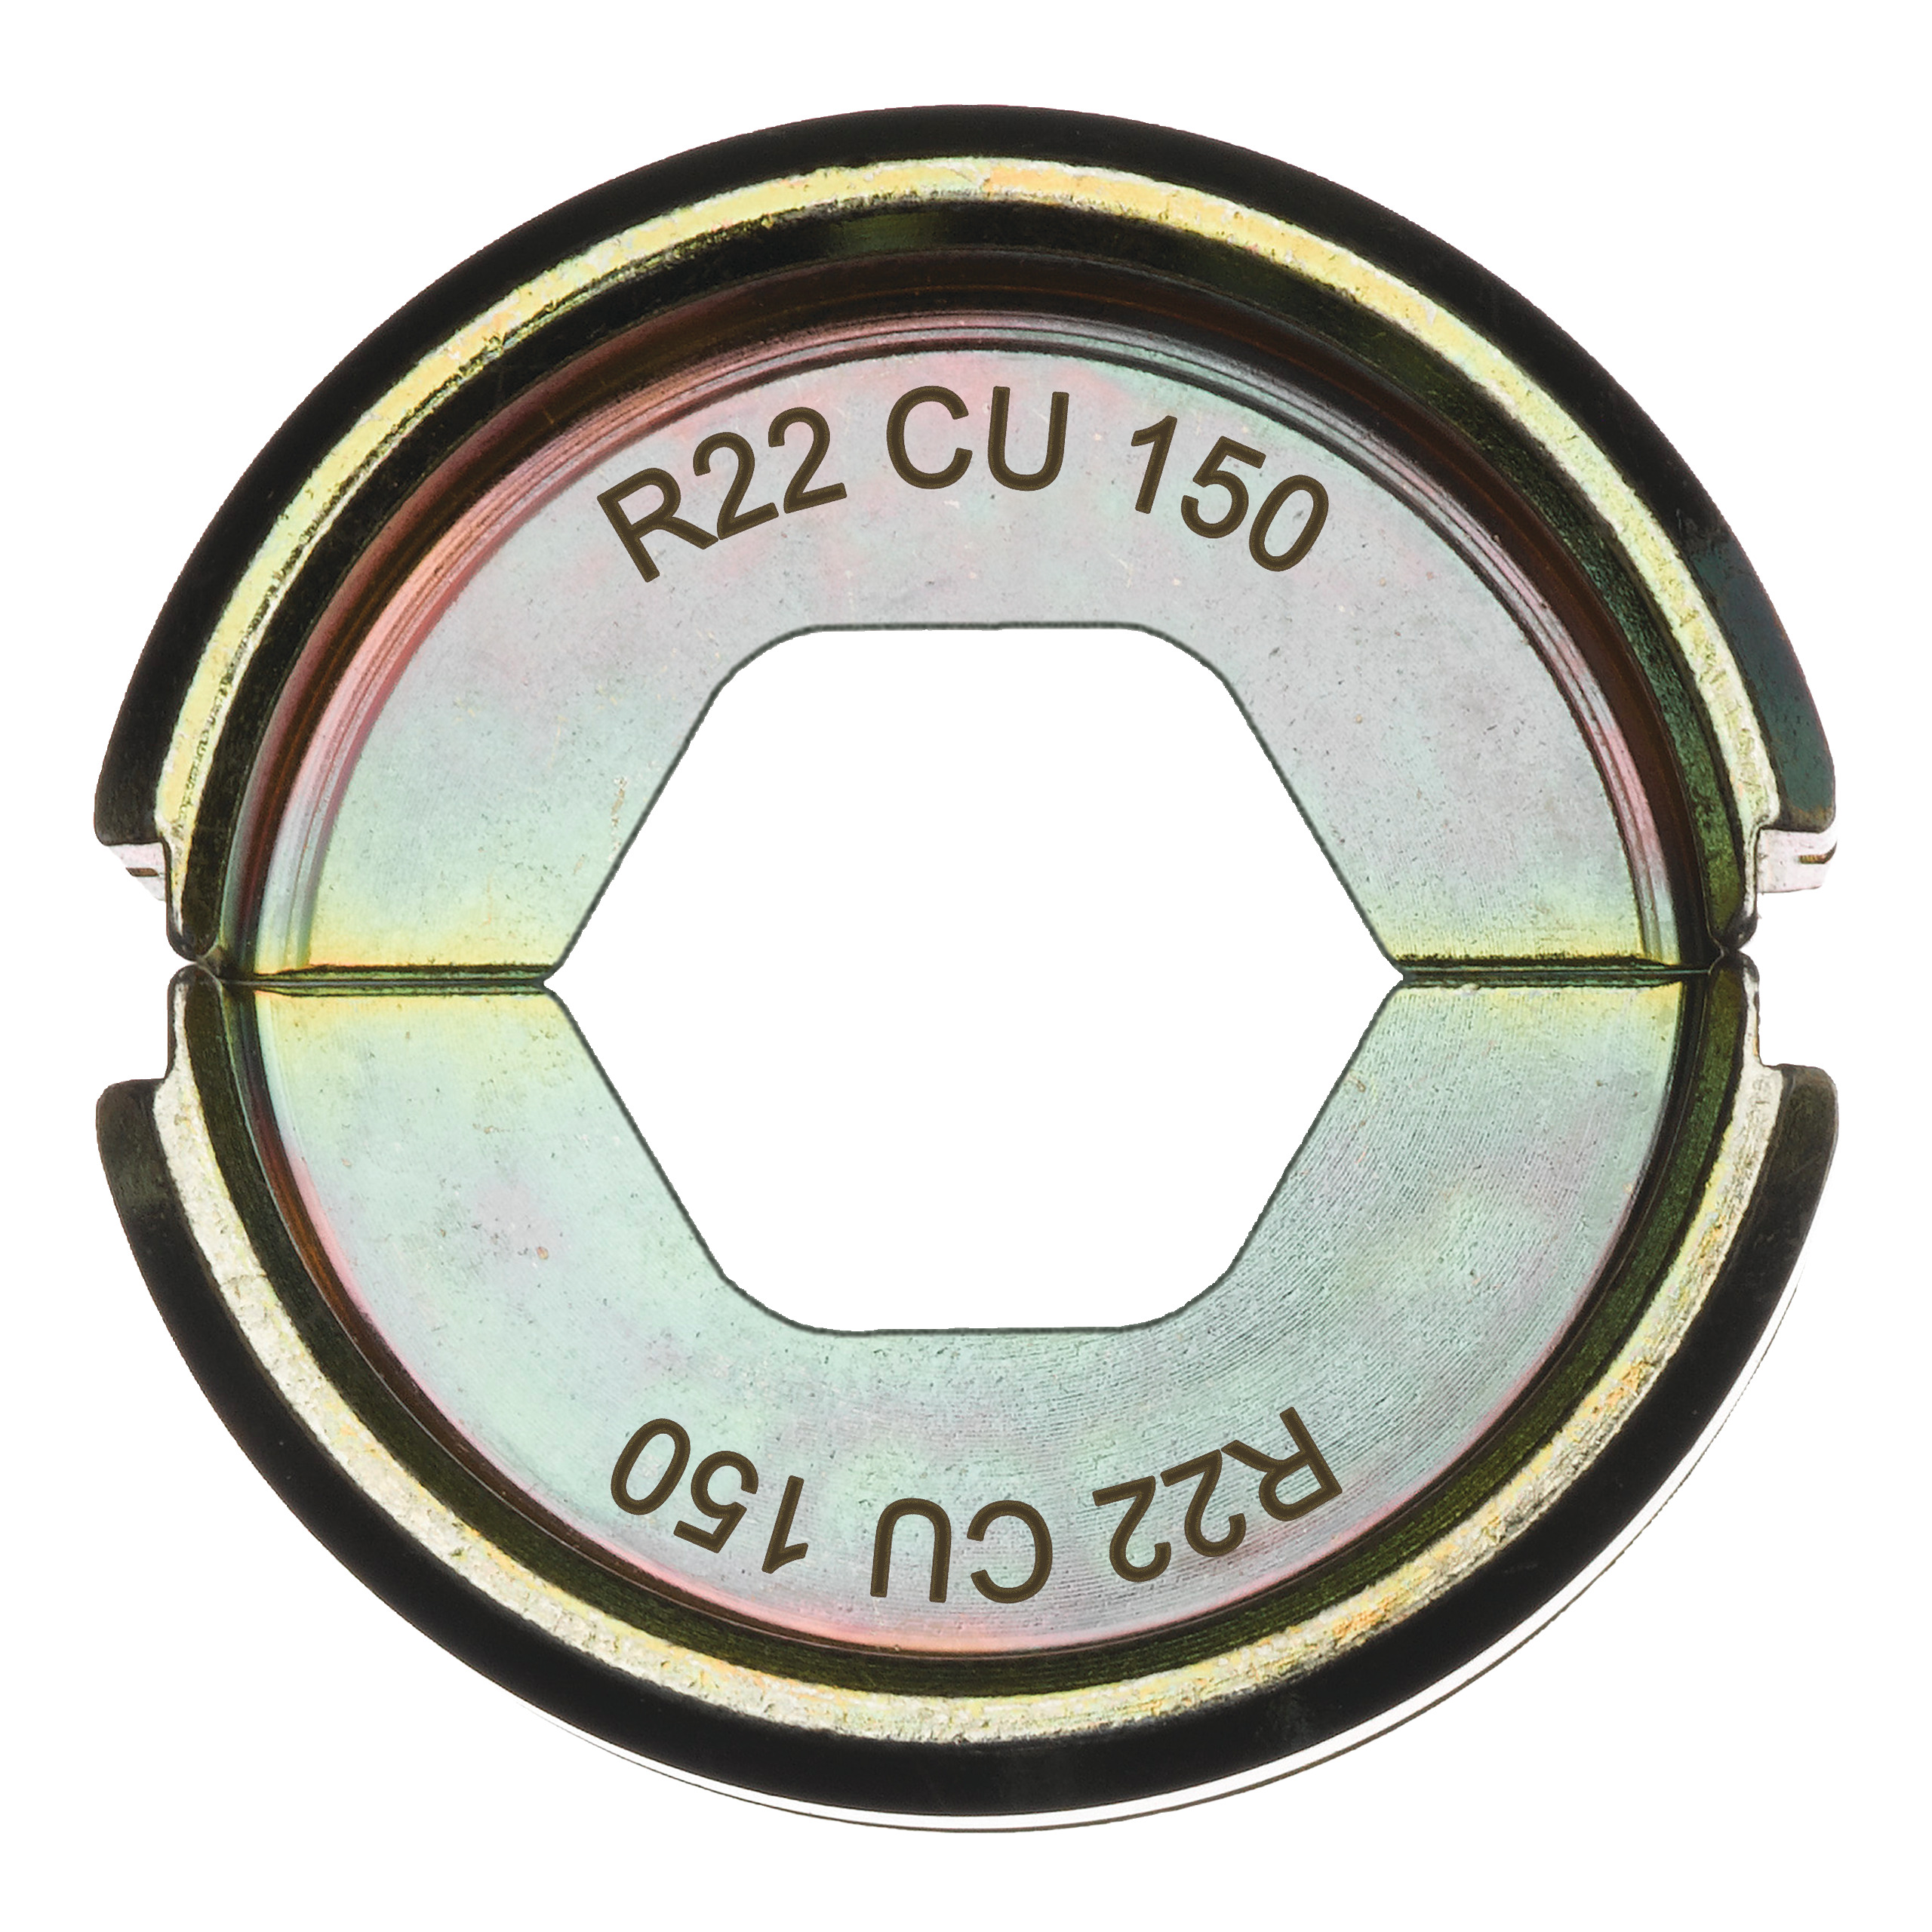 Krimpovací čelisti  R22 Cu 150